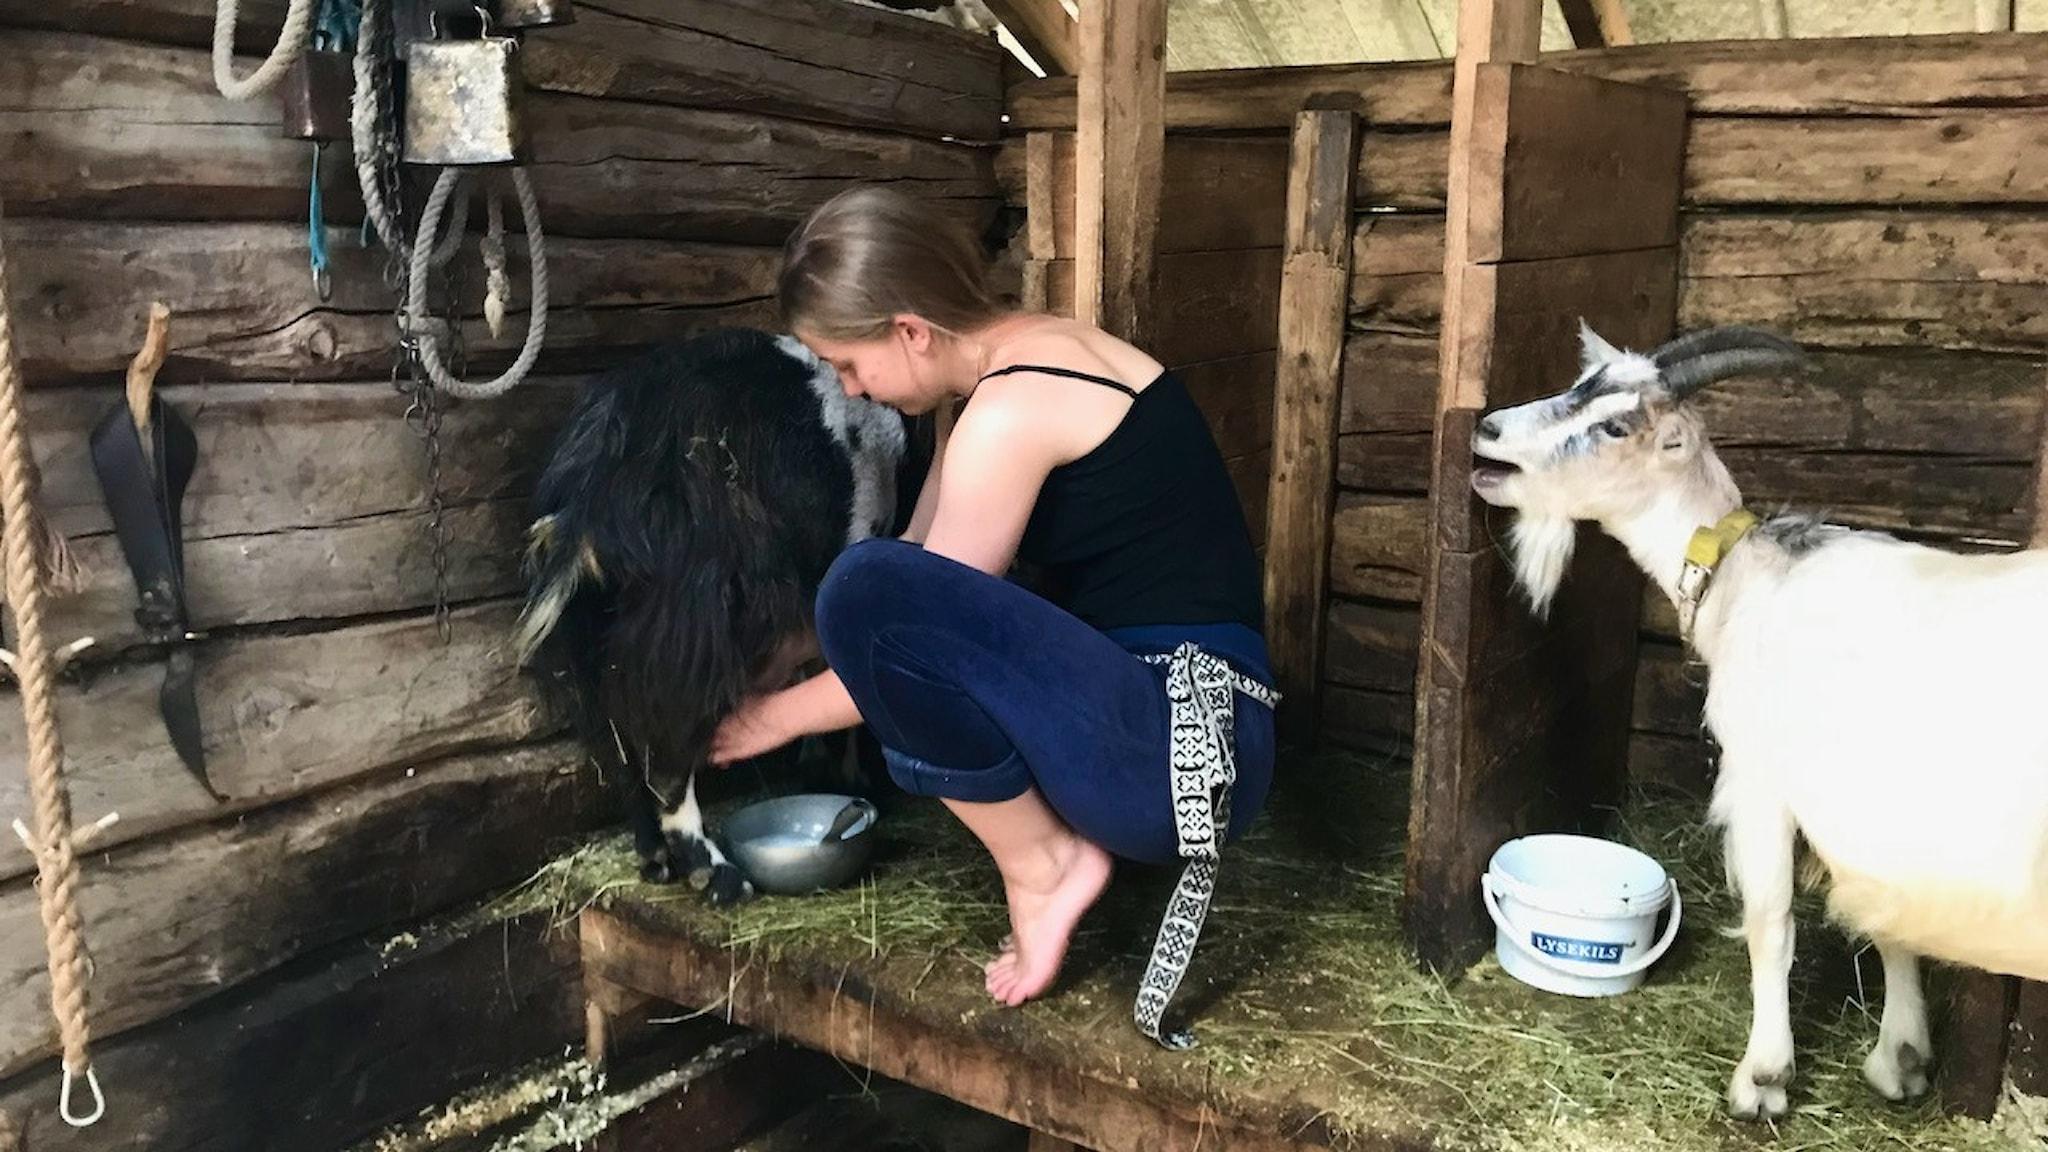 Det är lite trixigt att mjölka getter, tycker Kerstin Arnesson. På sommaren bor familjen på fäboden.